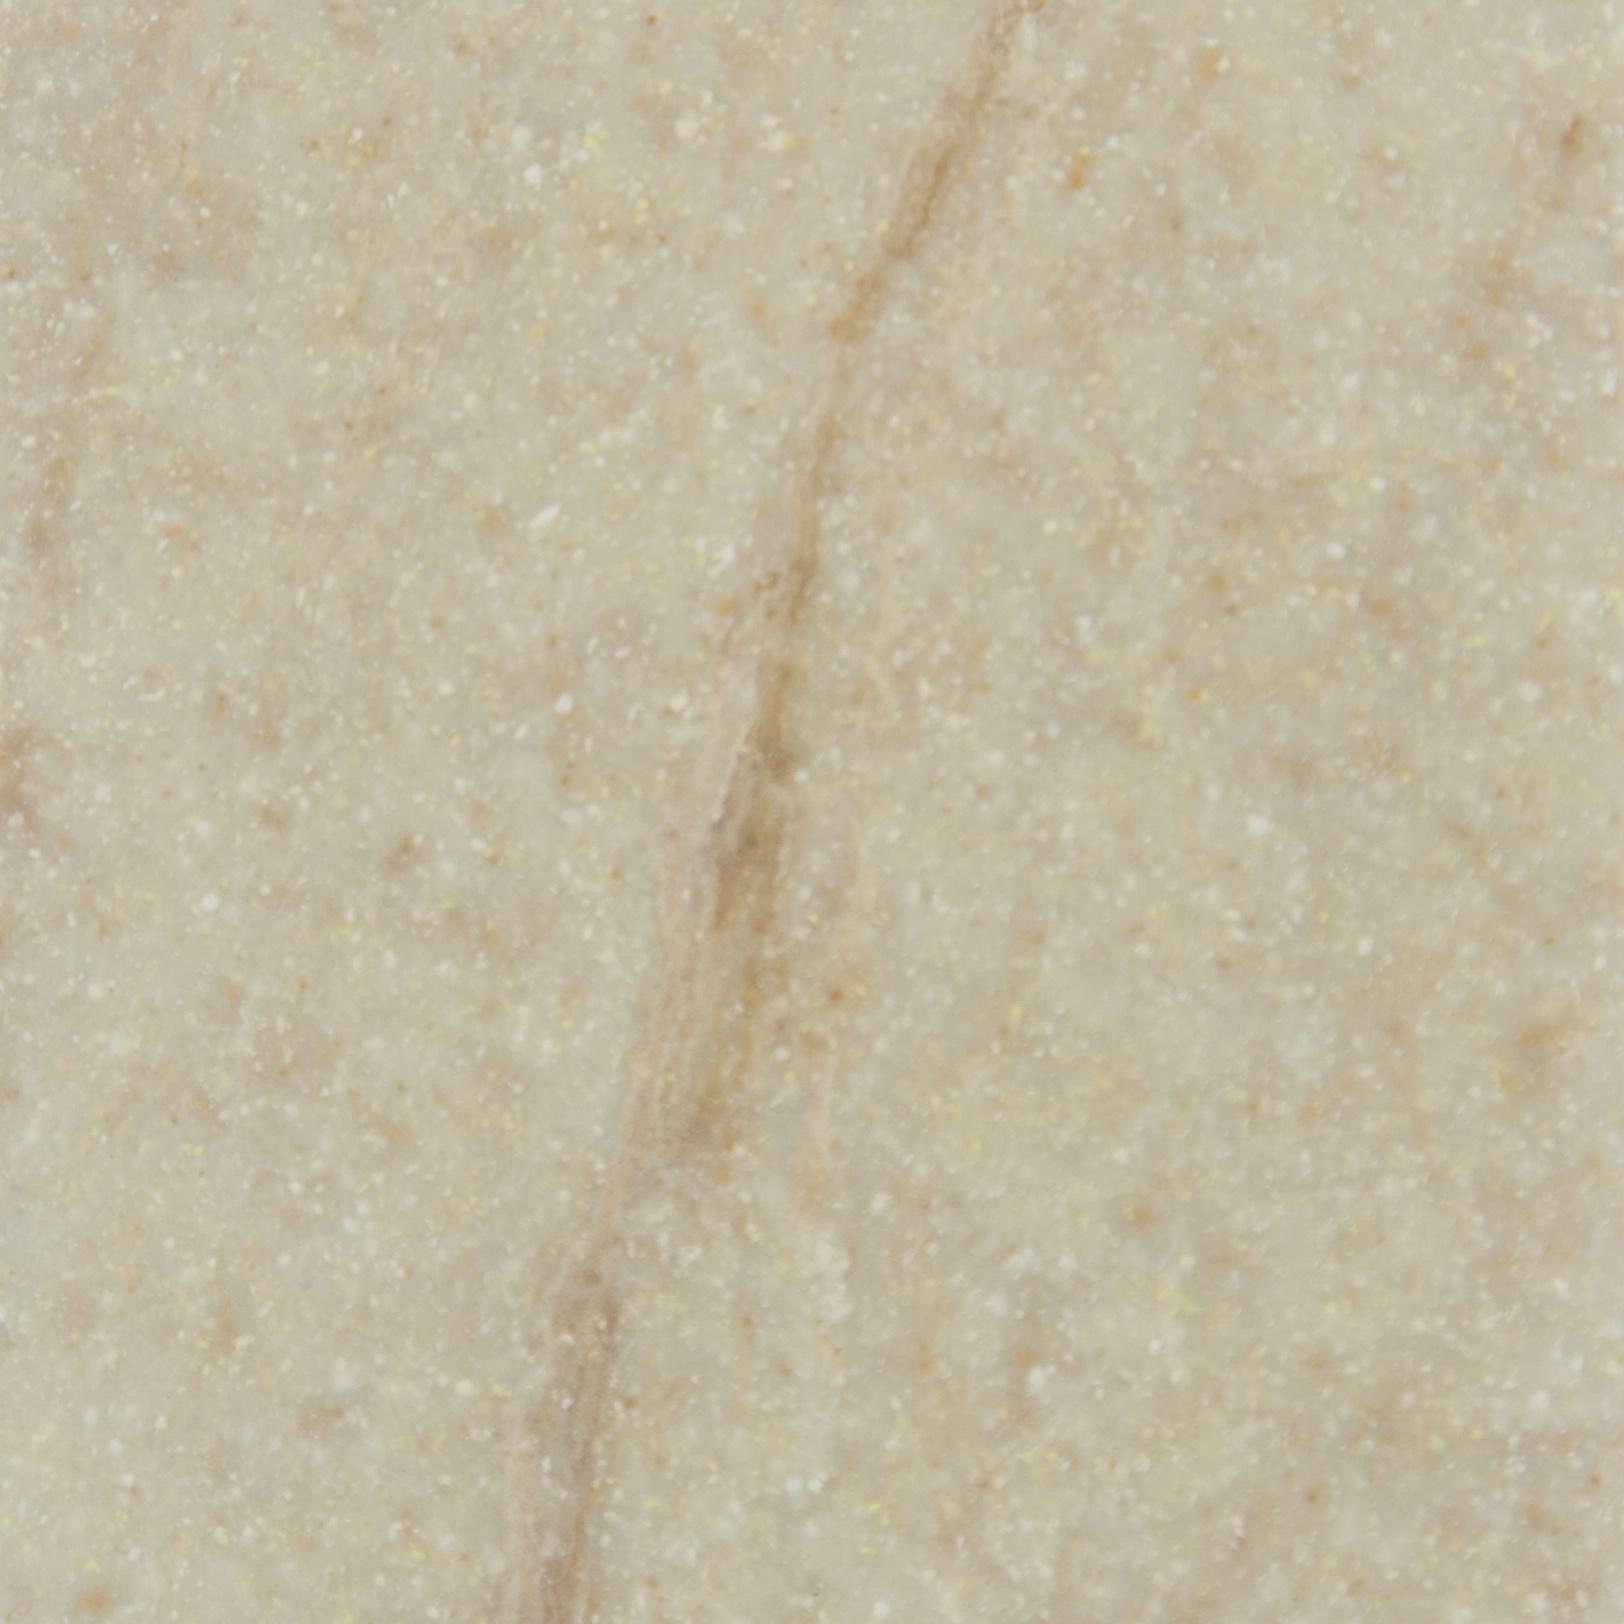 Vein Swanky Granite